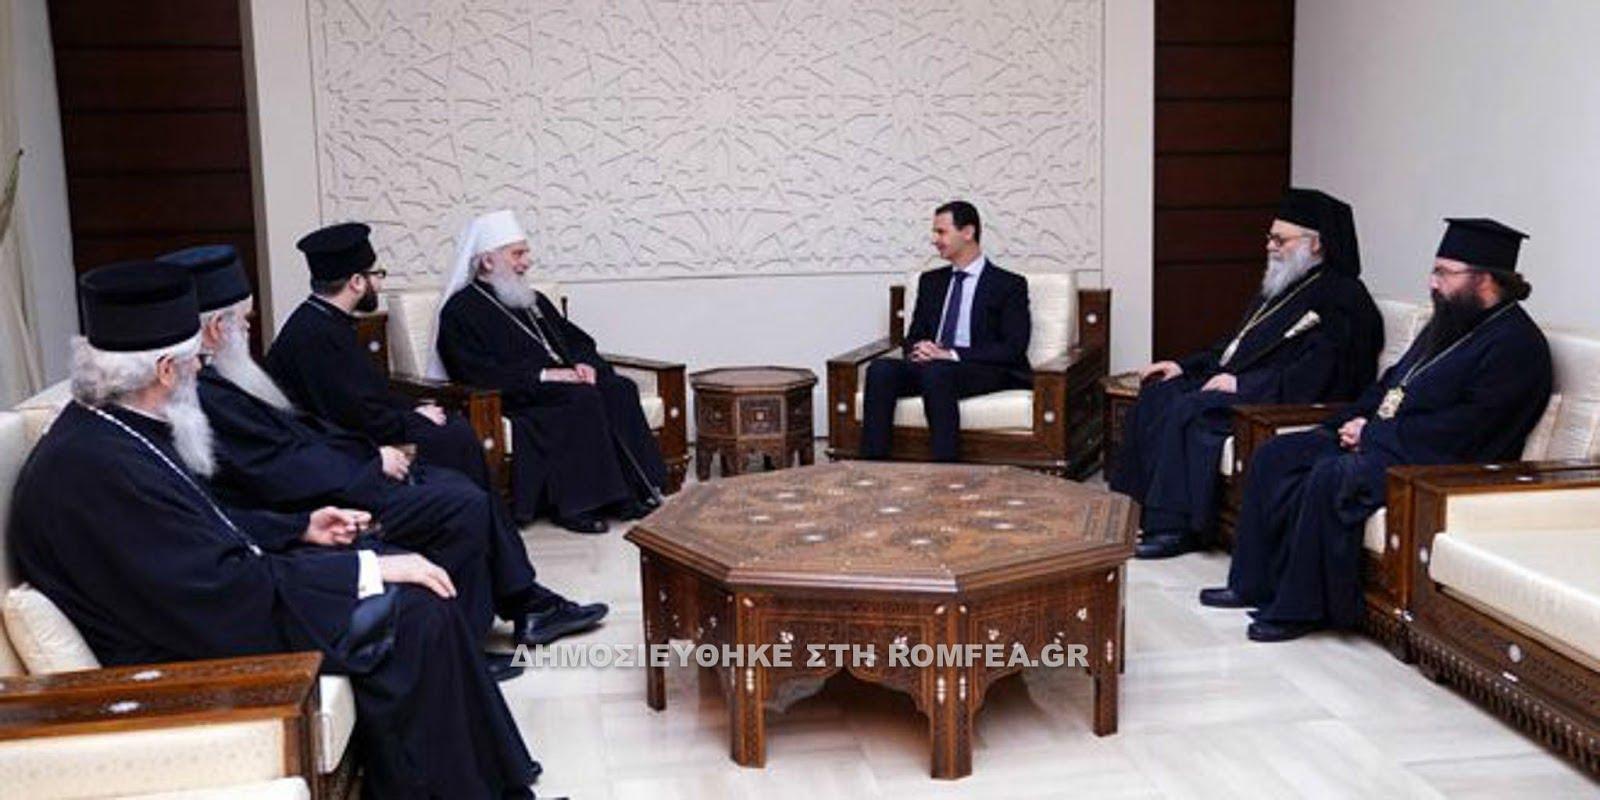 Στον Πρόεδρο της Συρίας Άσαντ o Πατριάρχης Σερβίας